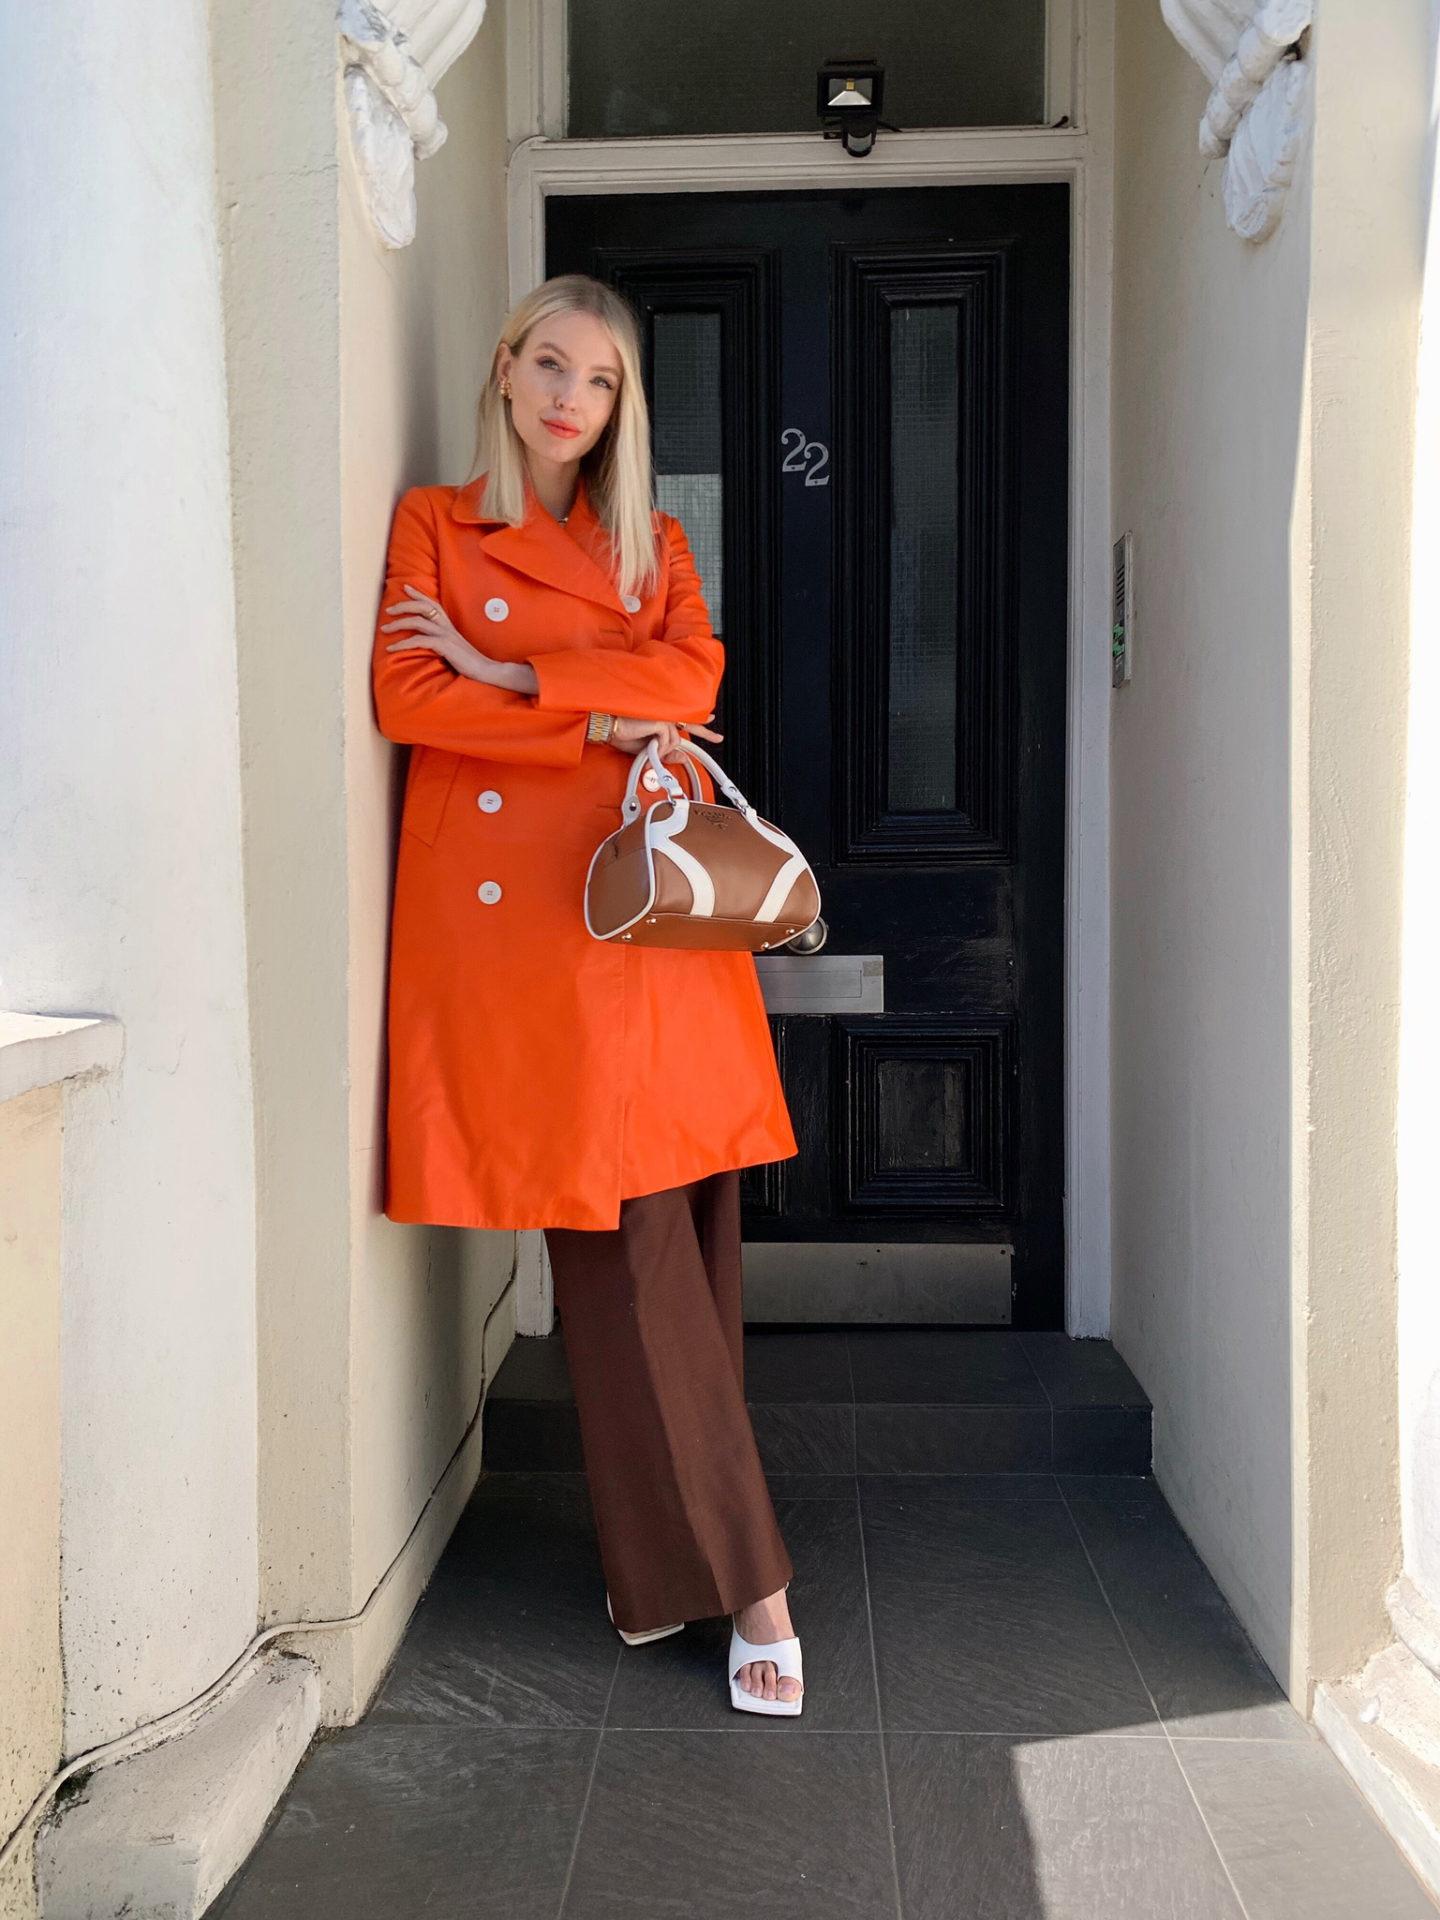 Prada Bowling Bag and Bright Orange